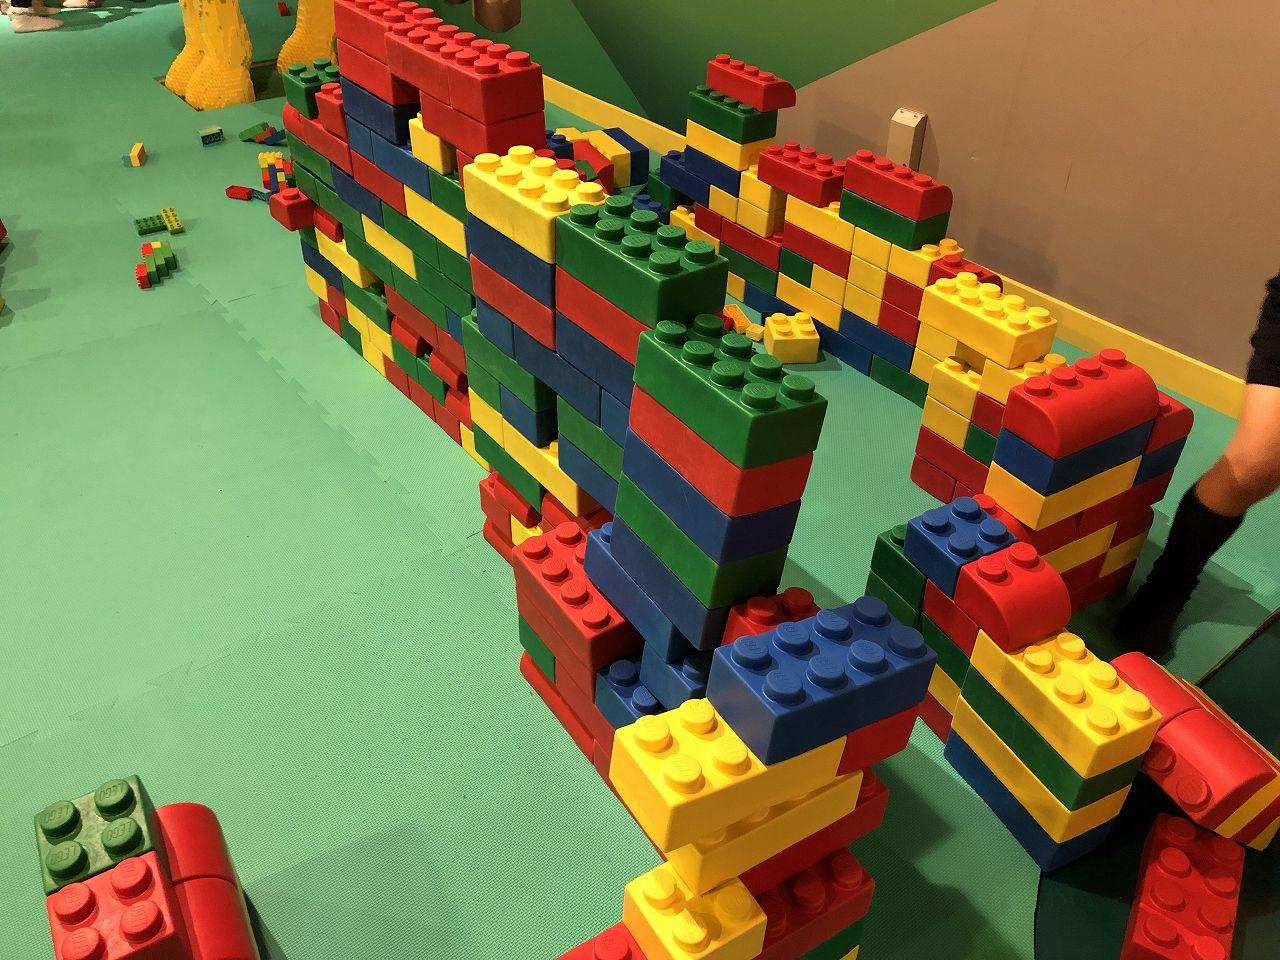 巨大レゴで遊べるエリア